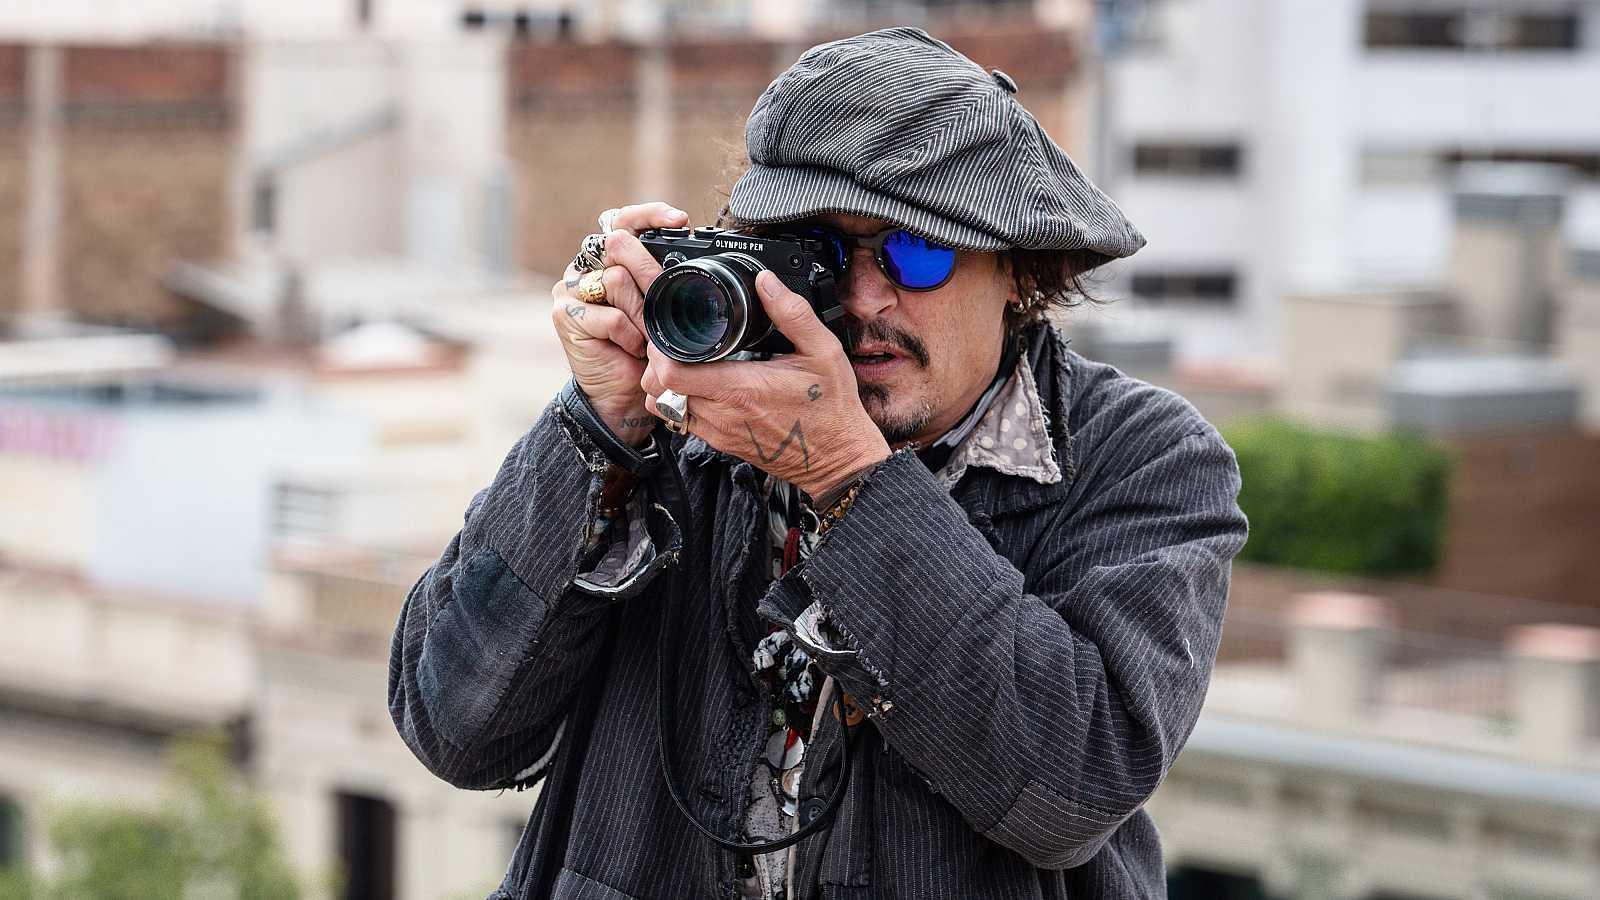 De boca a orella - Johnny Depp al BCN Film Fest